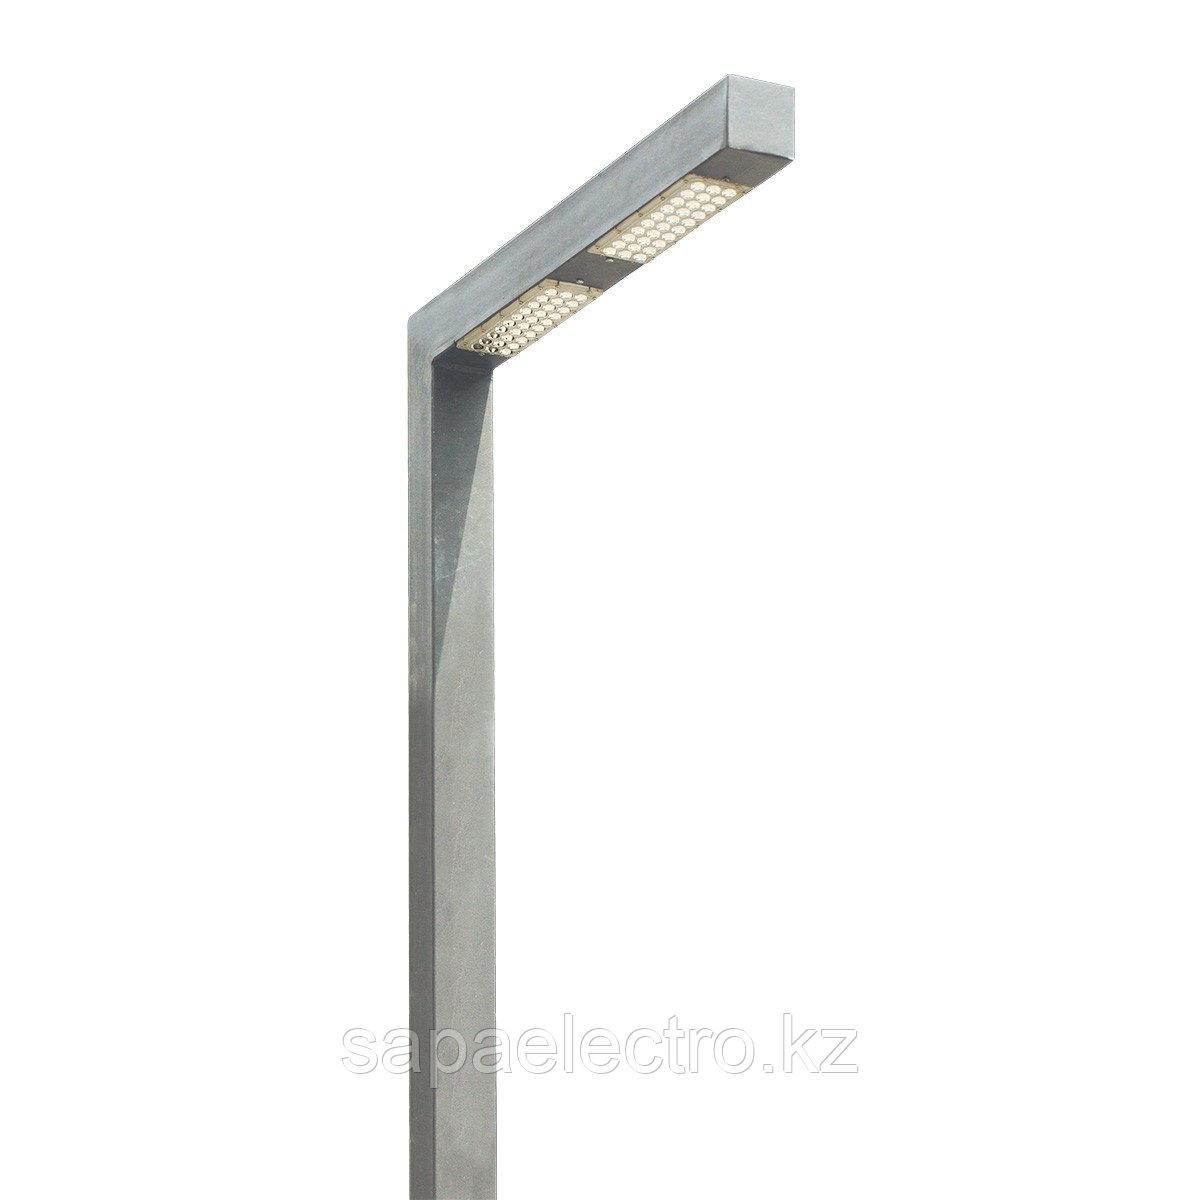 Св-к Профильный LED 60W 80х80 GREY  H-4м MEGALUX 1ш